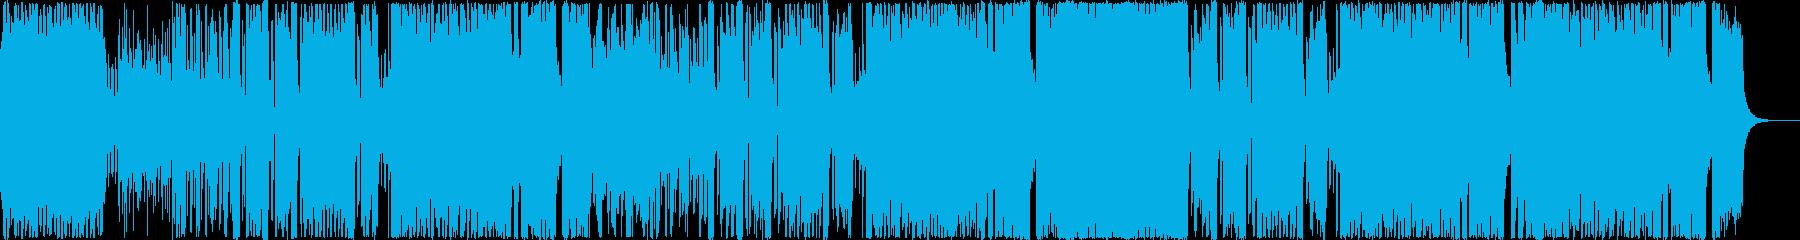 【メロ抜】明るく少し間抜けなテクノポップの再生済みの波形